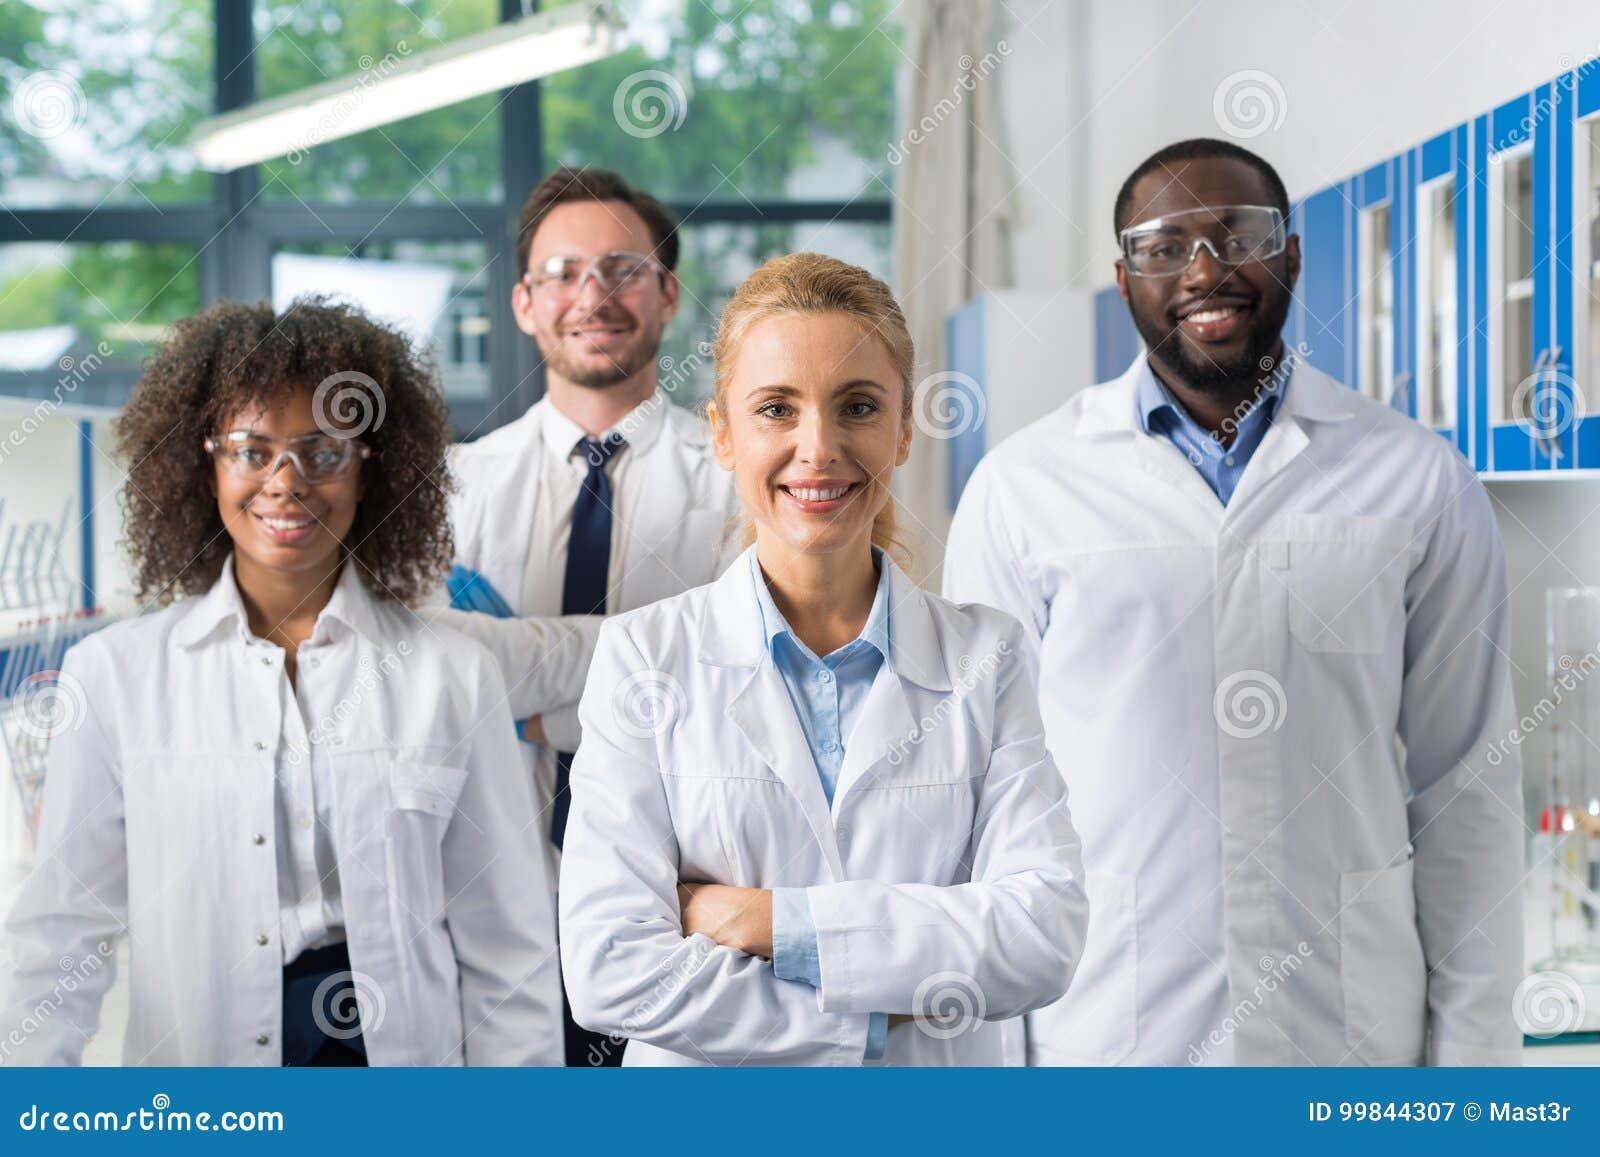 Grupo de sorriso de cientistas no laboratório moderno com líder fêmea, laboratório de Team Of Scientific Researchers In da raça d